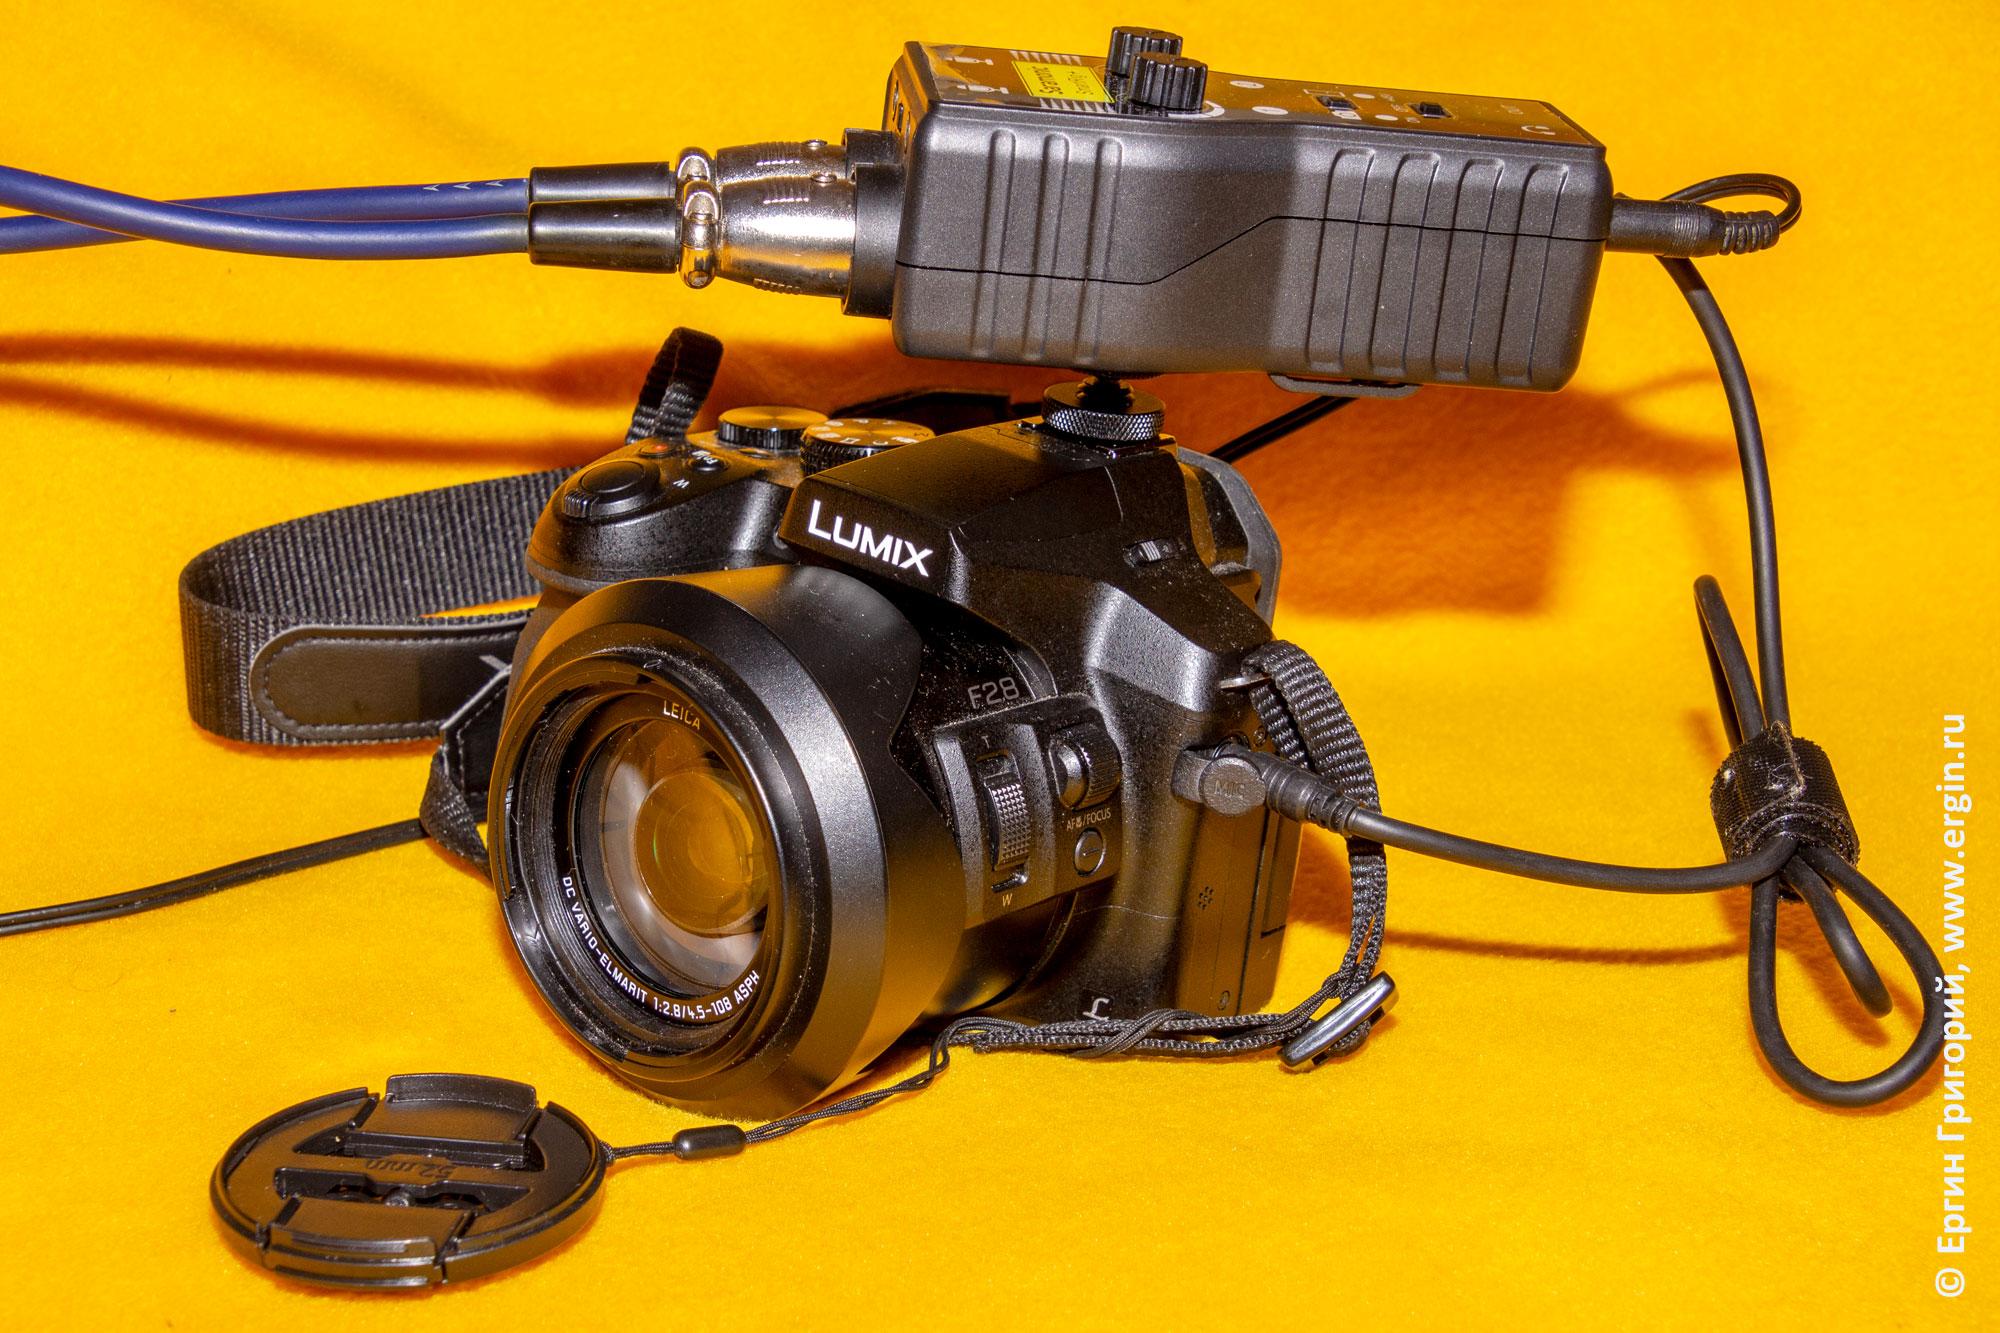 Крепление Saramonic SmartRig+ на горячий башмак фотоаппарата при помощи адаптера и резьбы под штативный винт